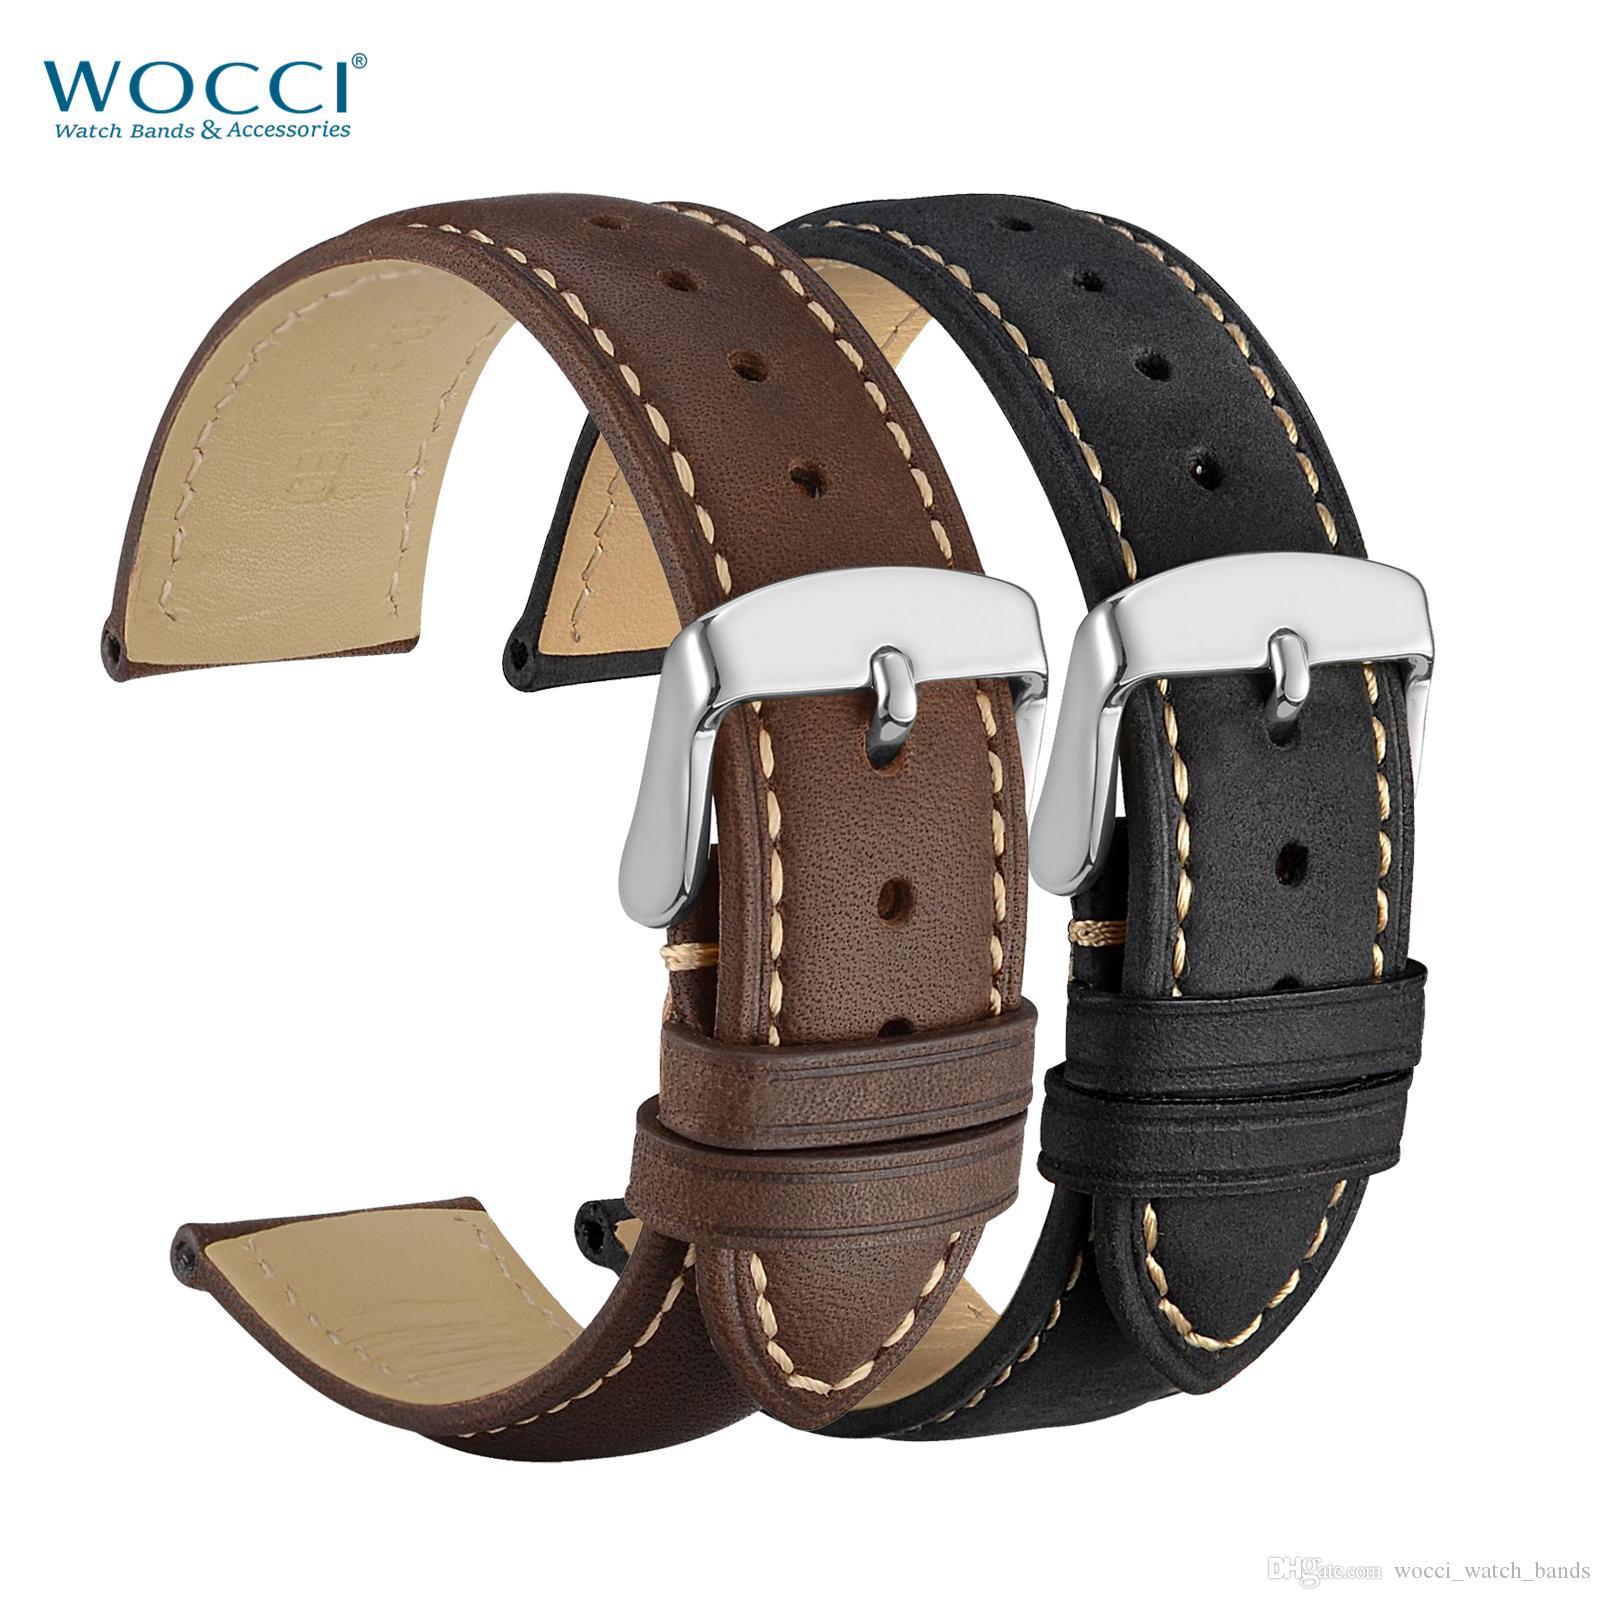 WOCCI Bracelet de montre en cuir véritable Vinatge Style Bandeaux de chevaux fous brun Noir Largeur de bande 14mm 16mm 18mm 19mm 20mm 21mm 22mm 24mm